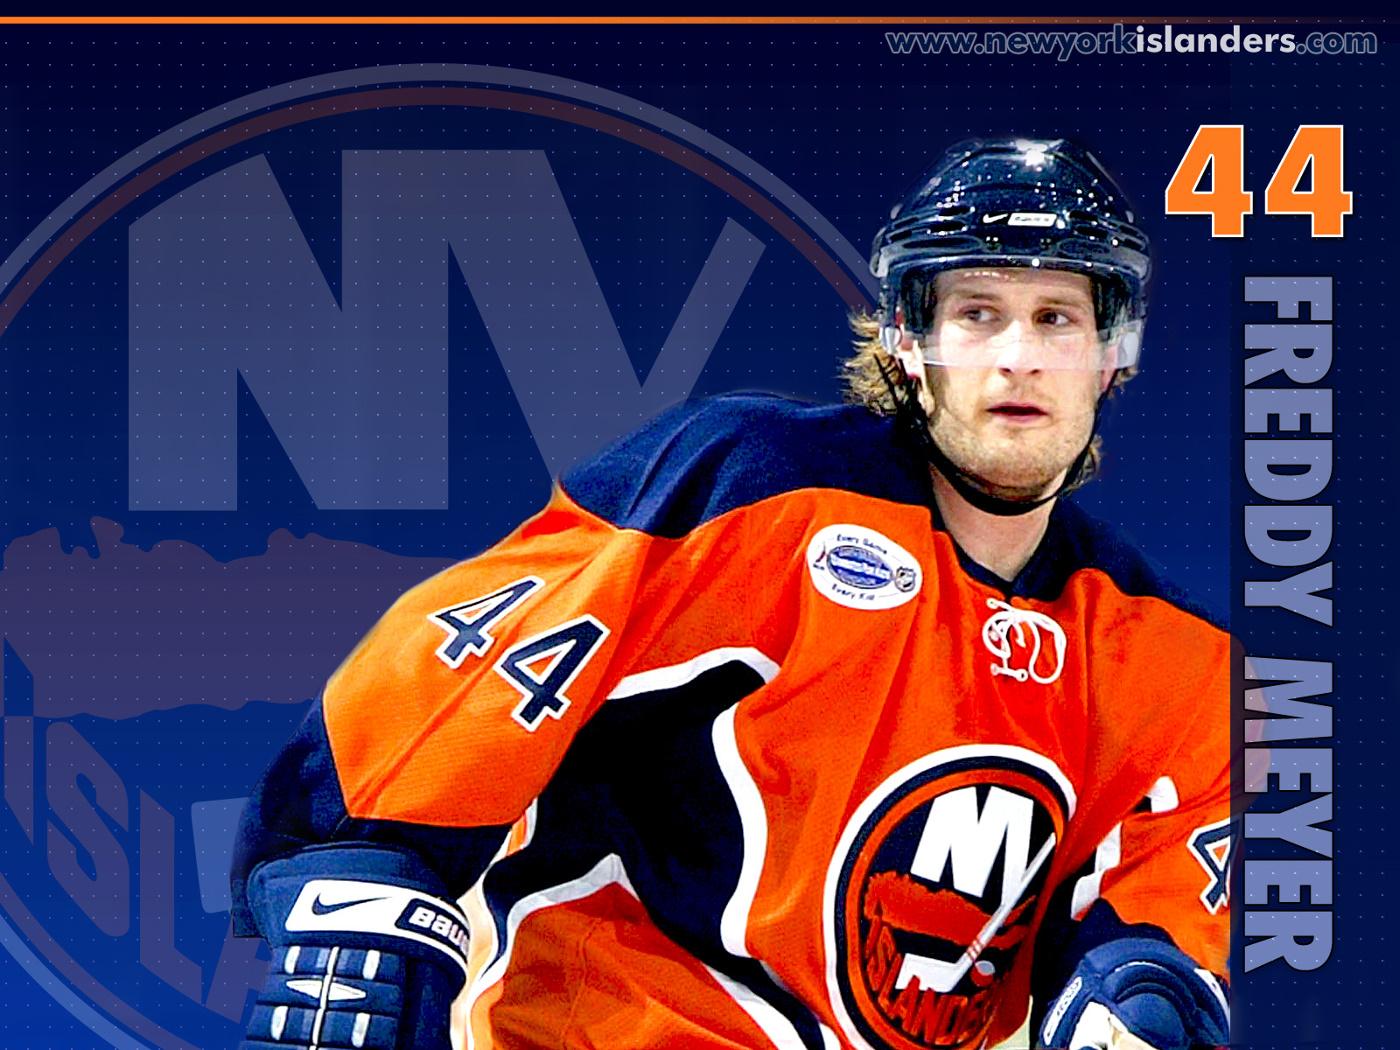 de New York Islanders Fondos de pantalla de New York Islanders 1400x1050